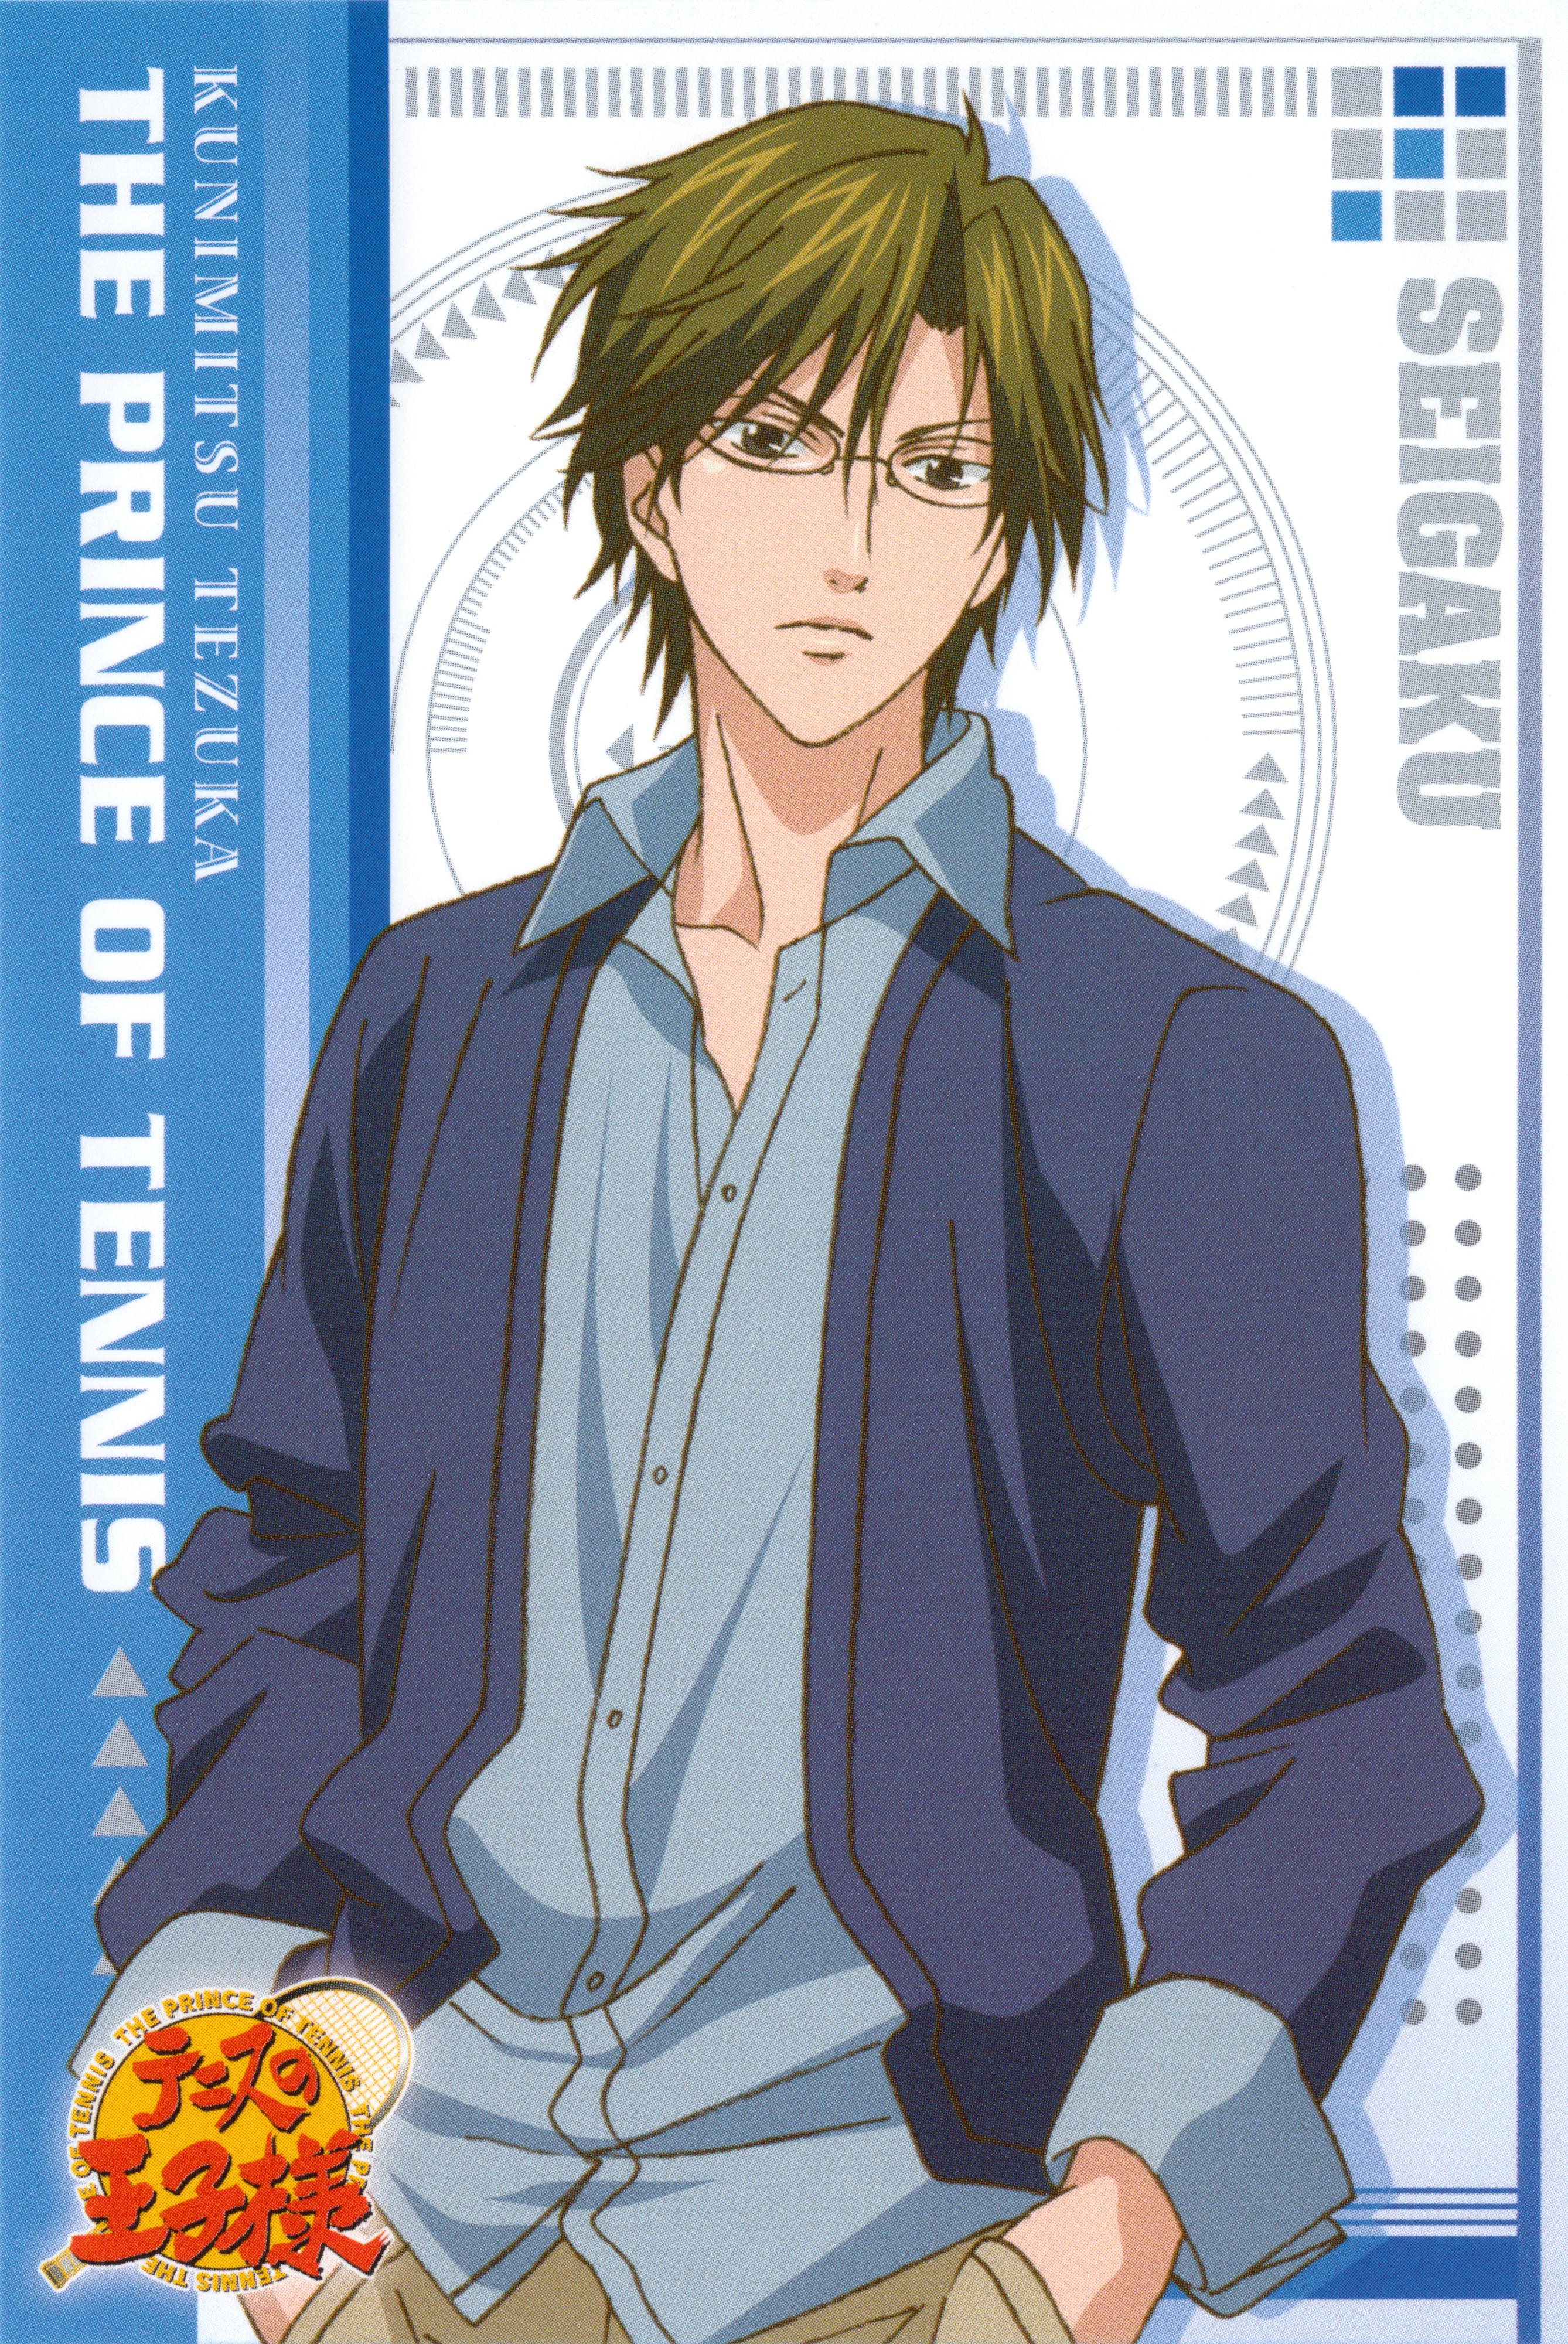 Erik Donovan's ID Tezuka.Kunimitsu.full.79722